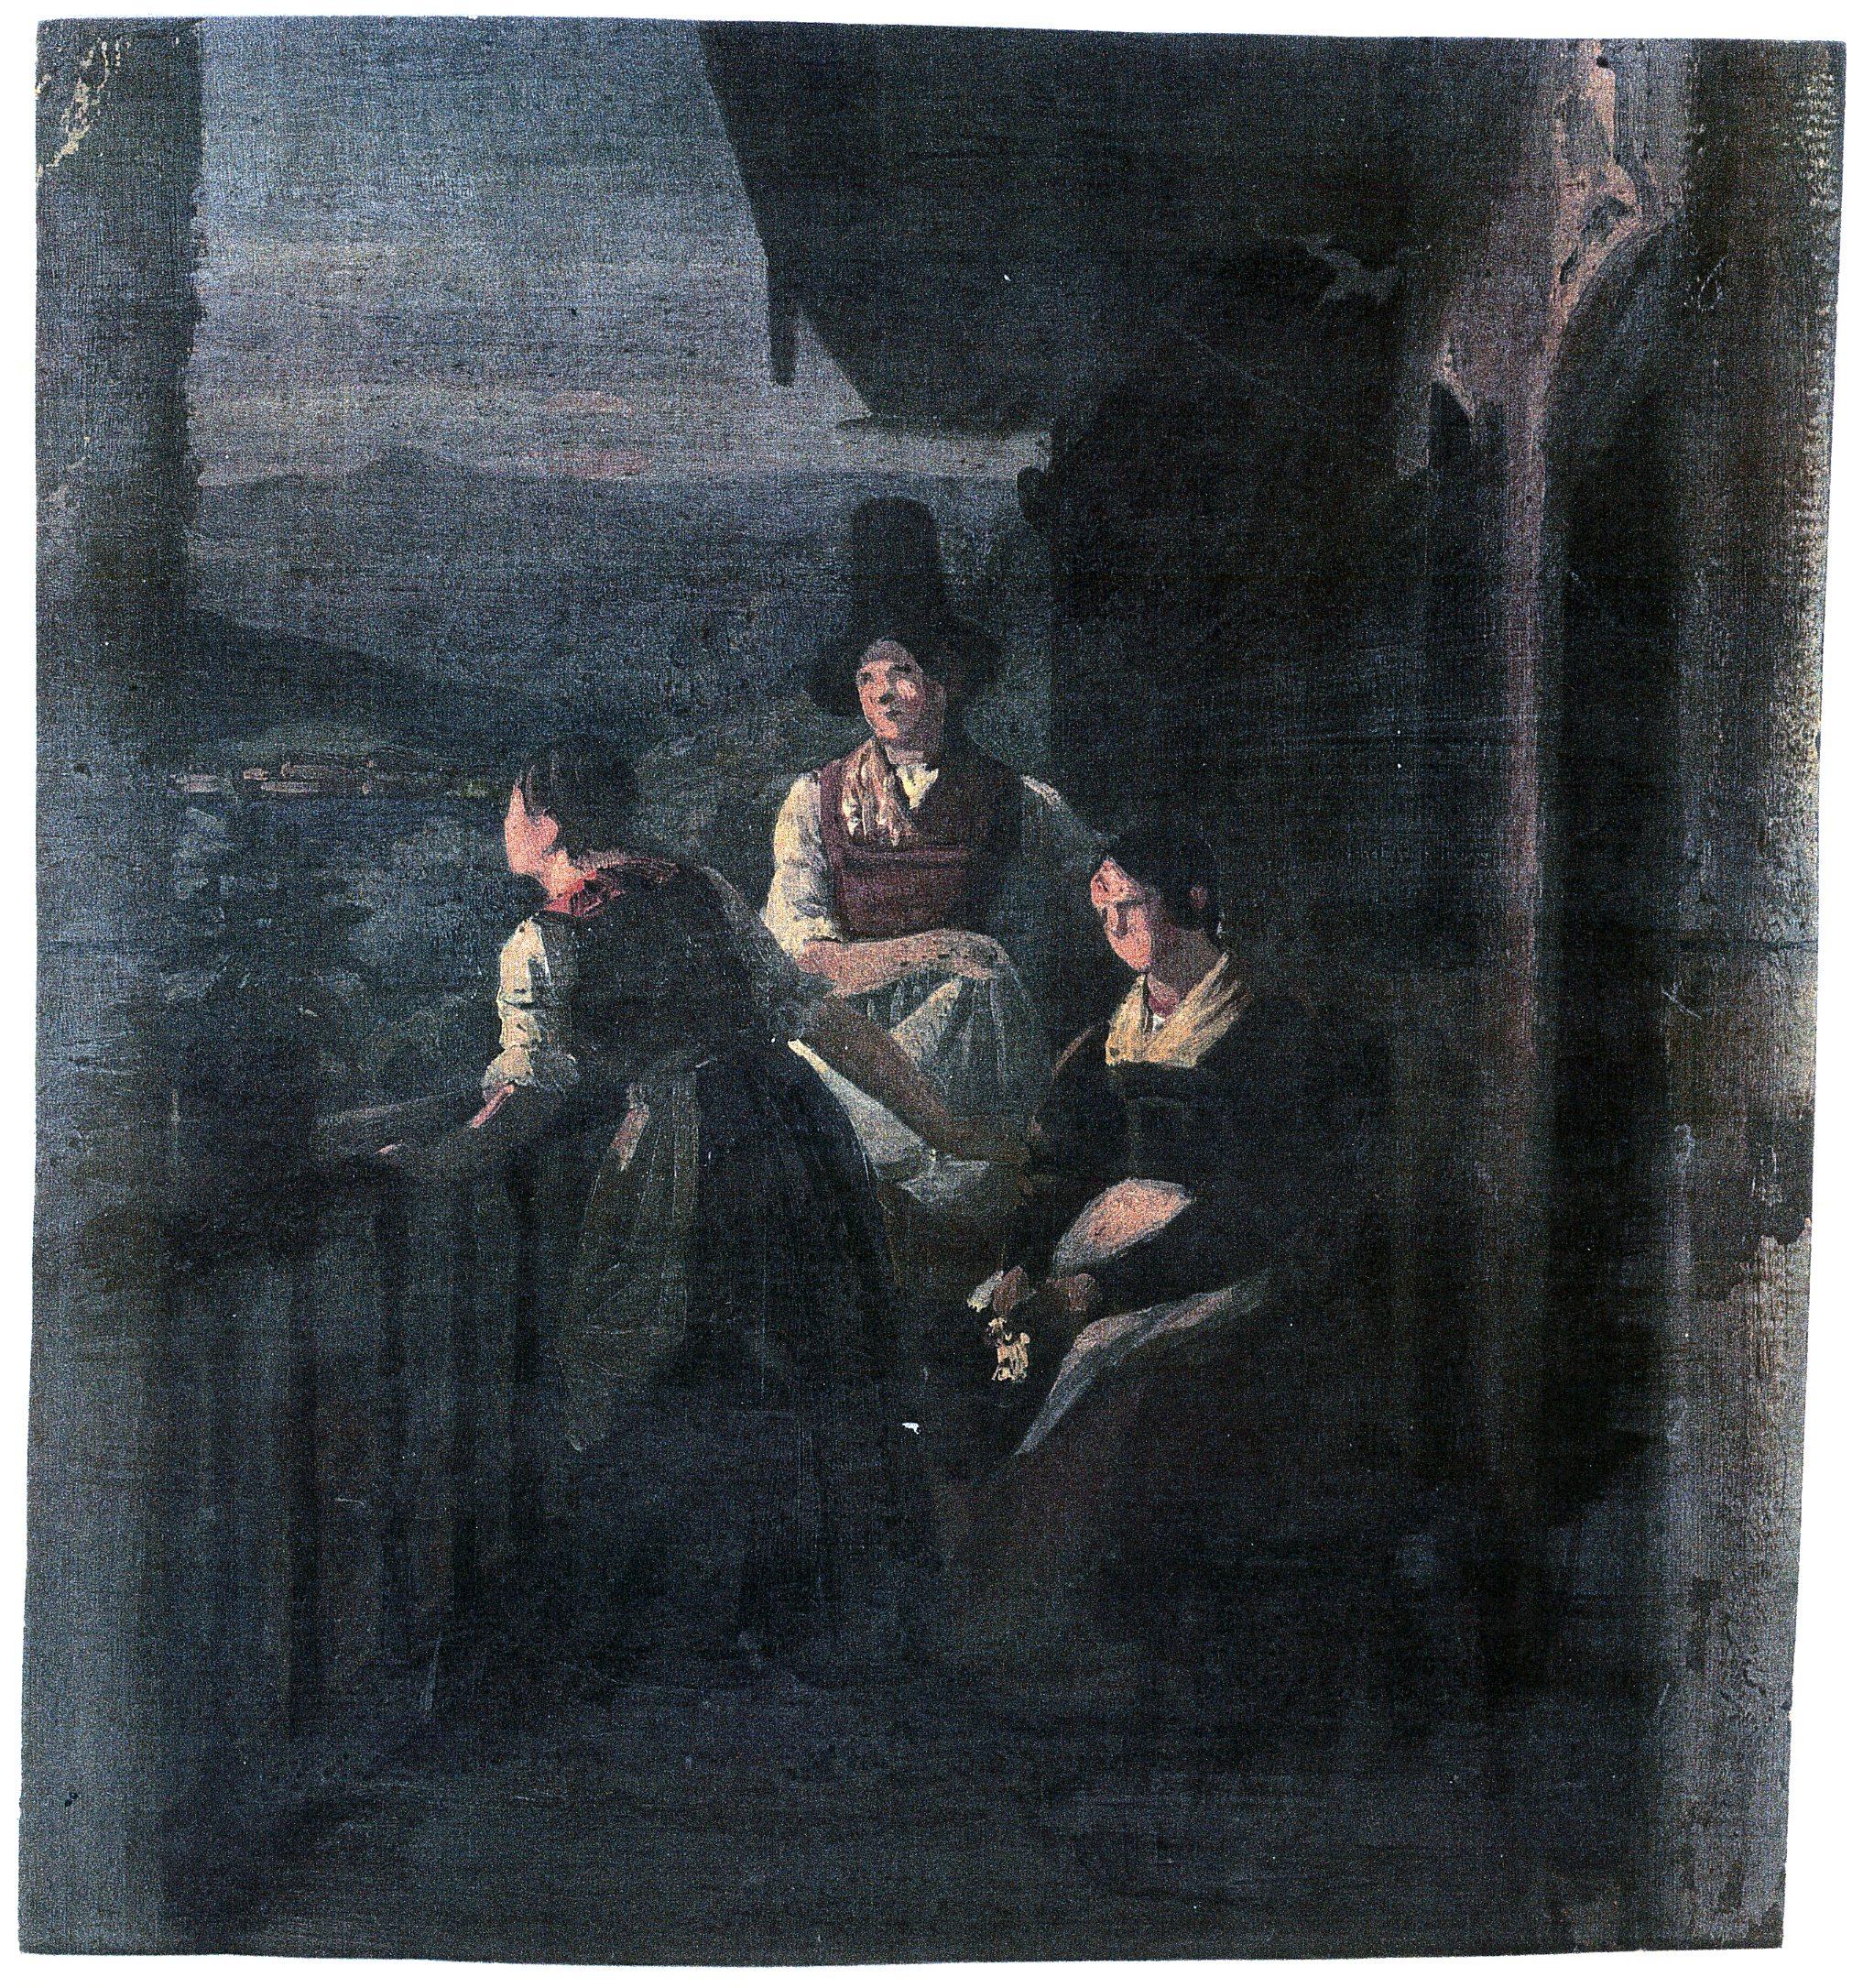 Ludwig Most, Wieczór w Tyrolu, studium do obrazu Wieczór w Tyrolu, 1842, olej na papierze, Muzeum Narodowe w Szczecinie